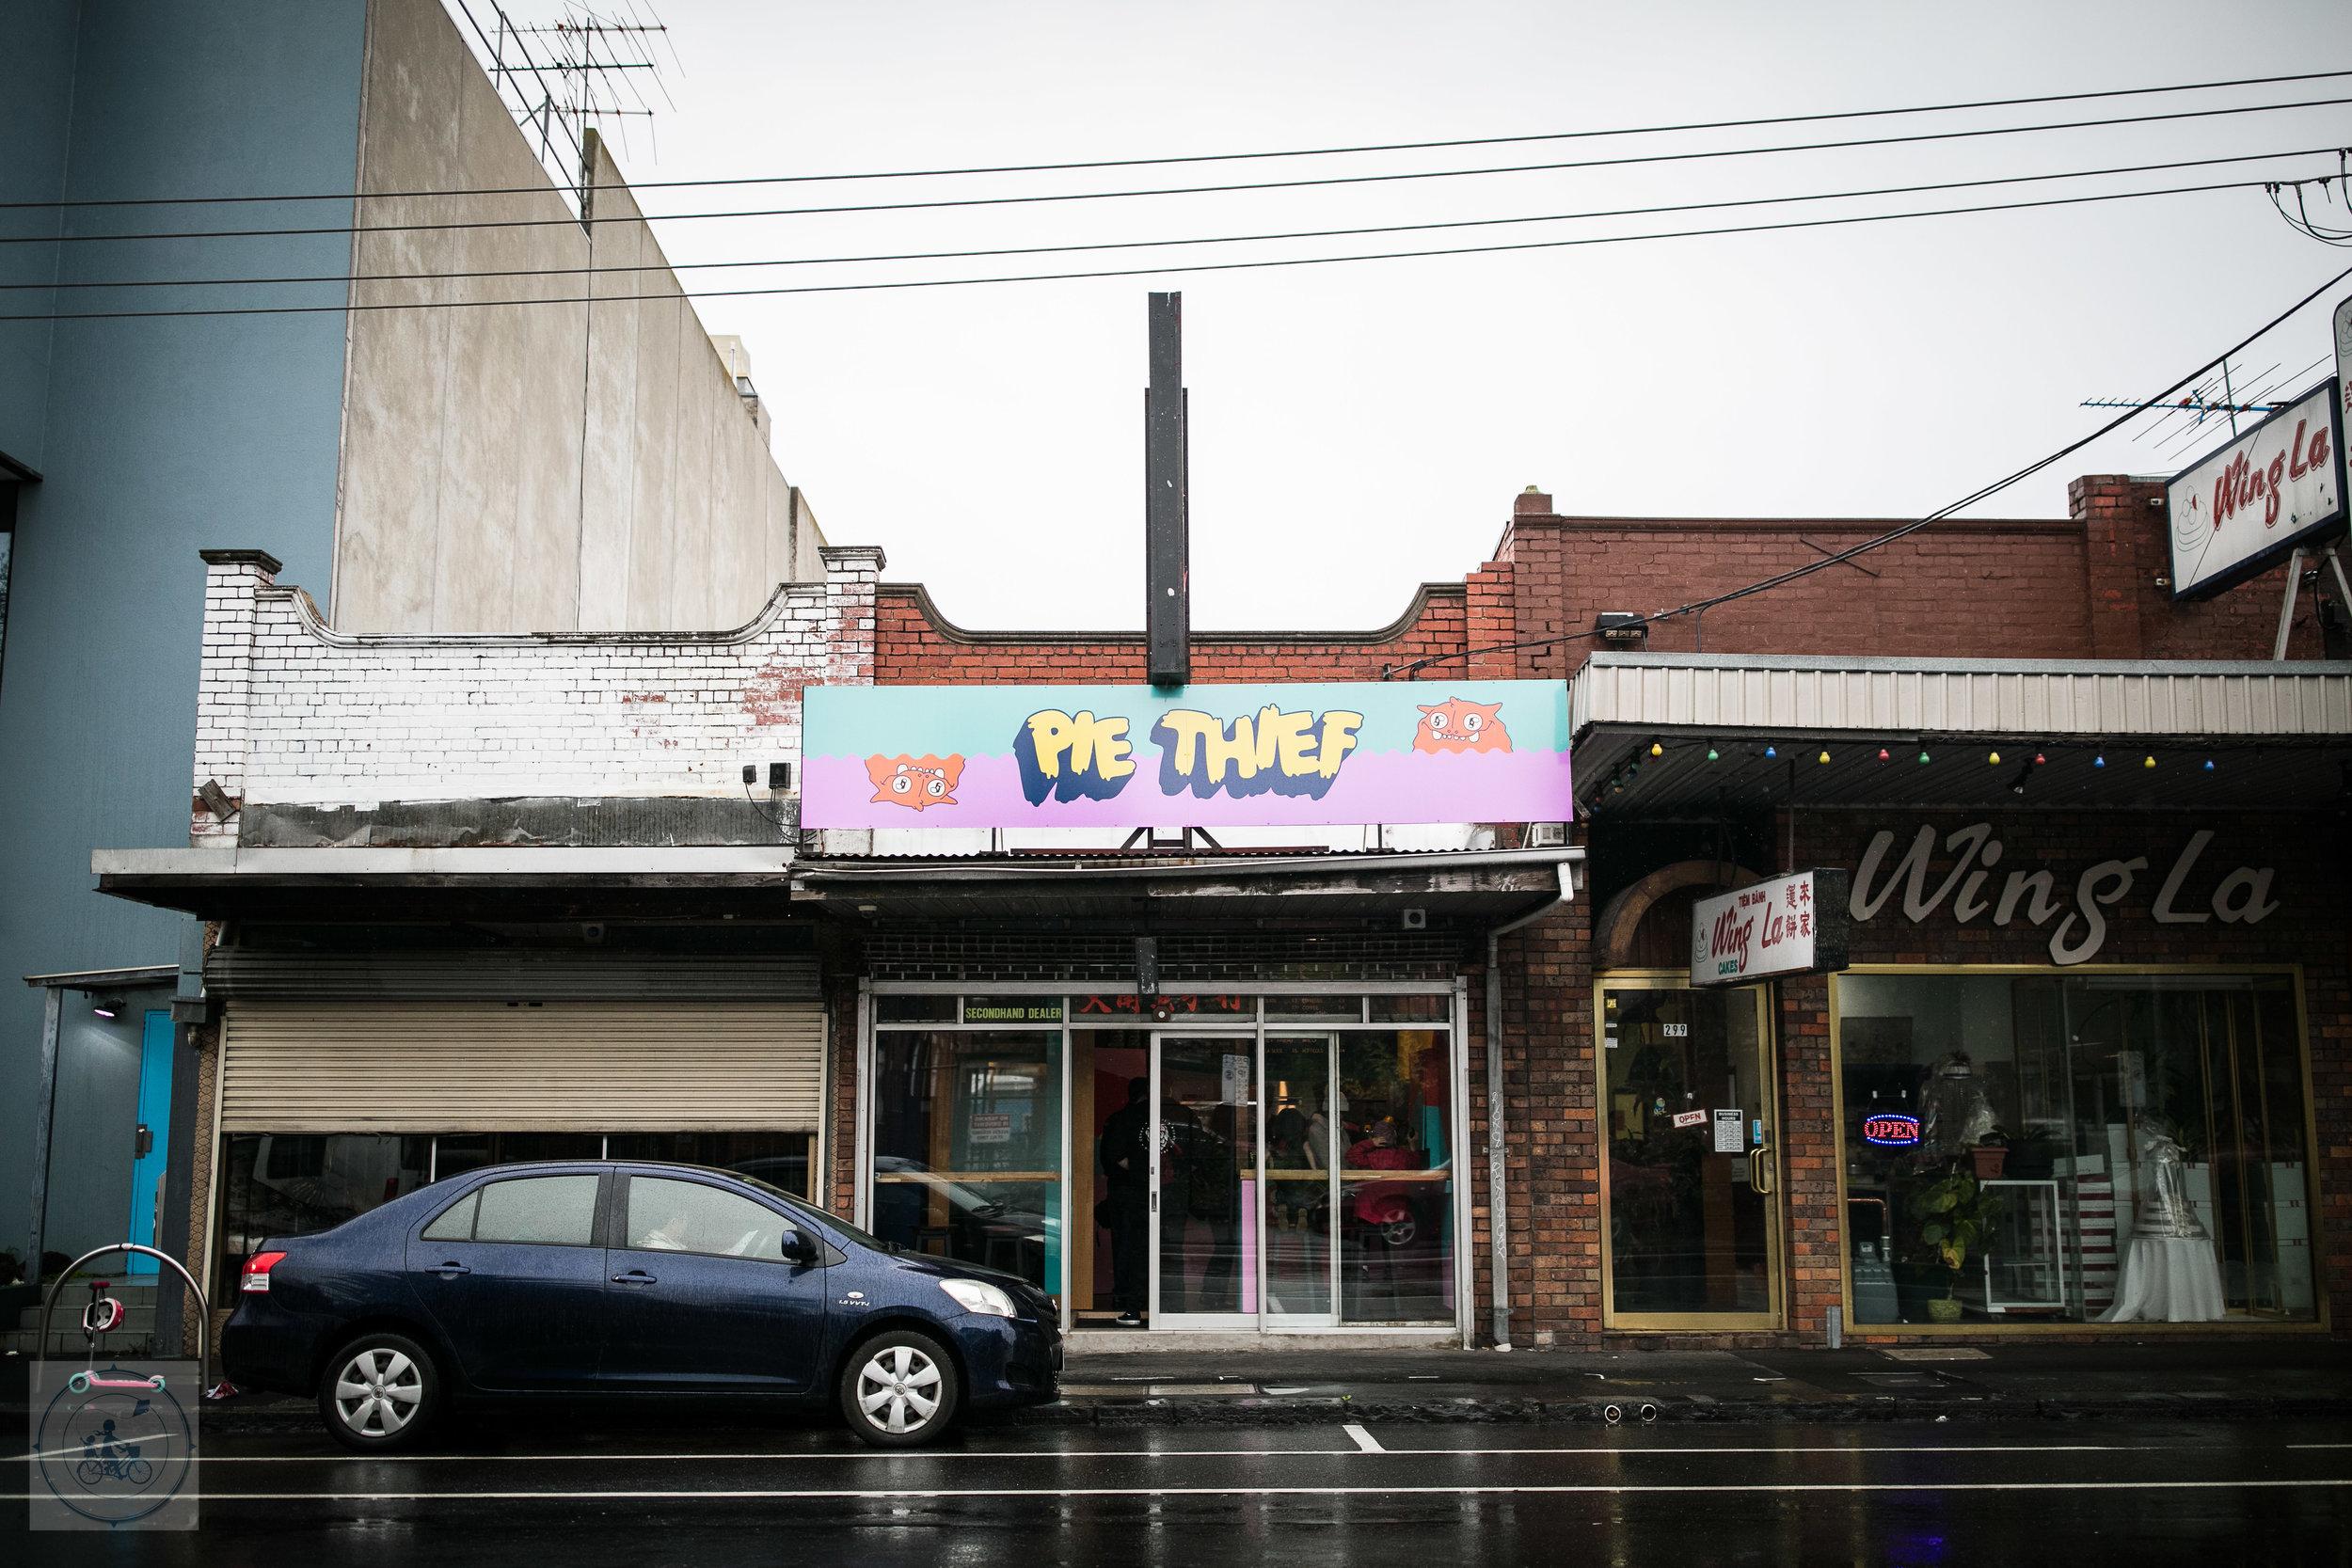 Pie Thief Mamma Knows West (1 of 24).jpg